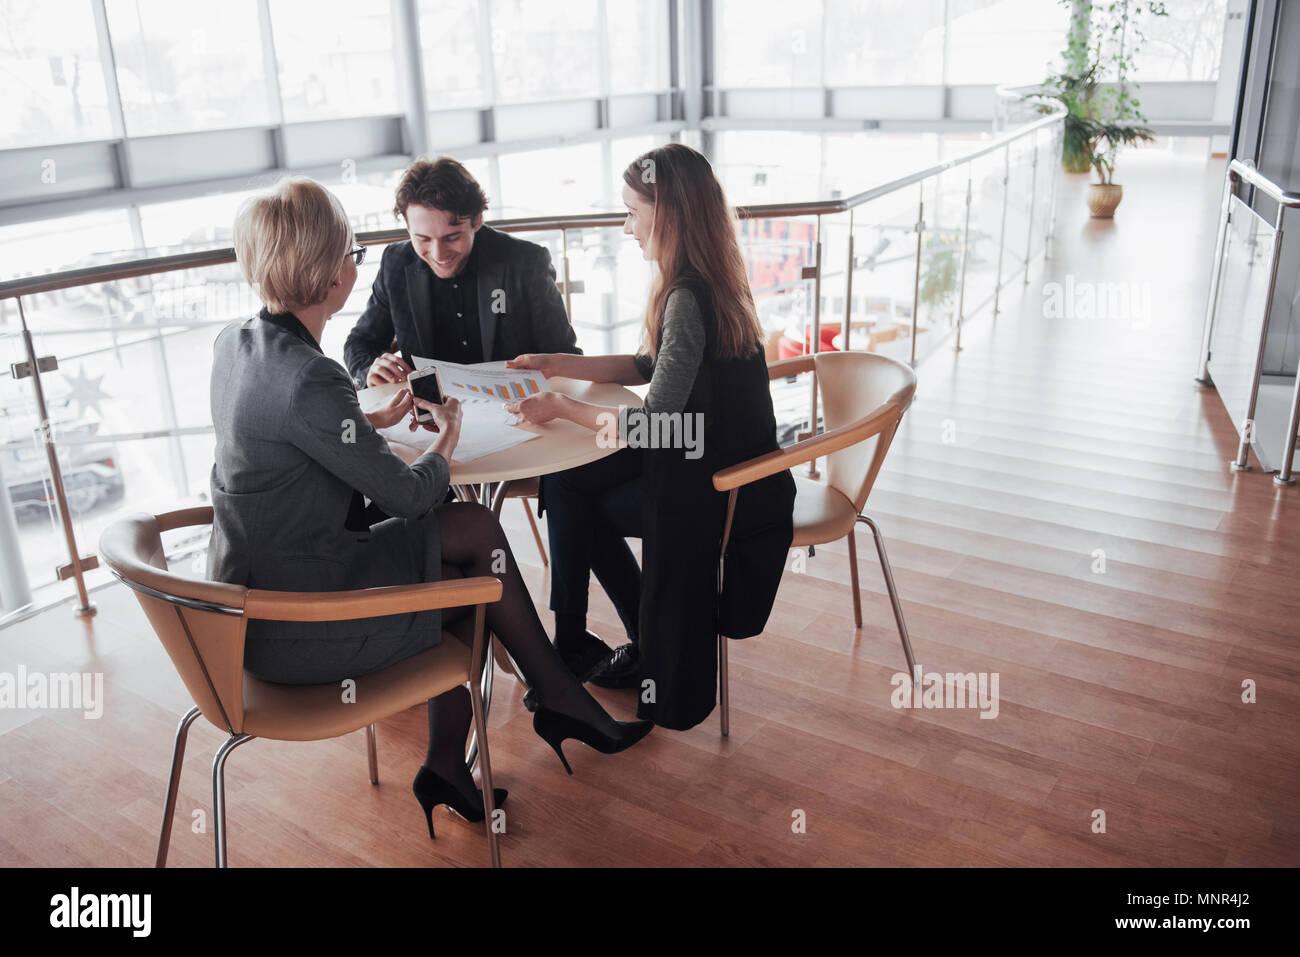 Team job Erfolg. Foto junge Führungskräfte arbeiten mit neuen startup Projekt im Büro. Dokument analysieren, Pläne. Generisches design Notebook auf Holz Tisch, Papiere, Dokumente Stockfoto